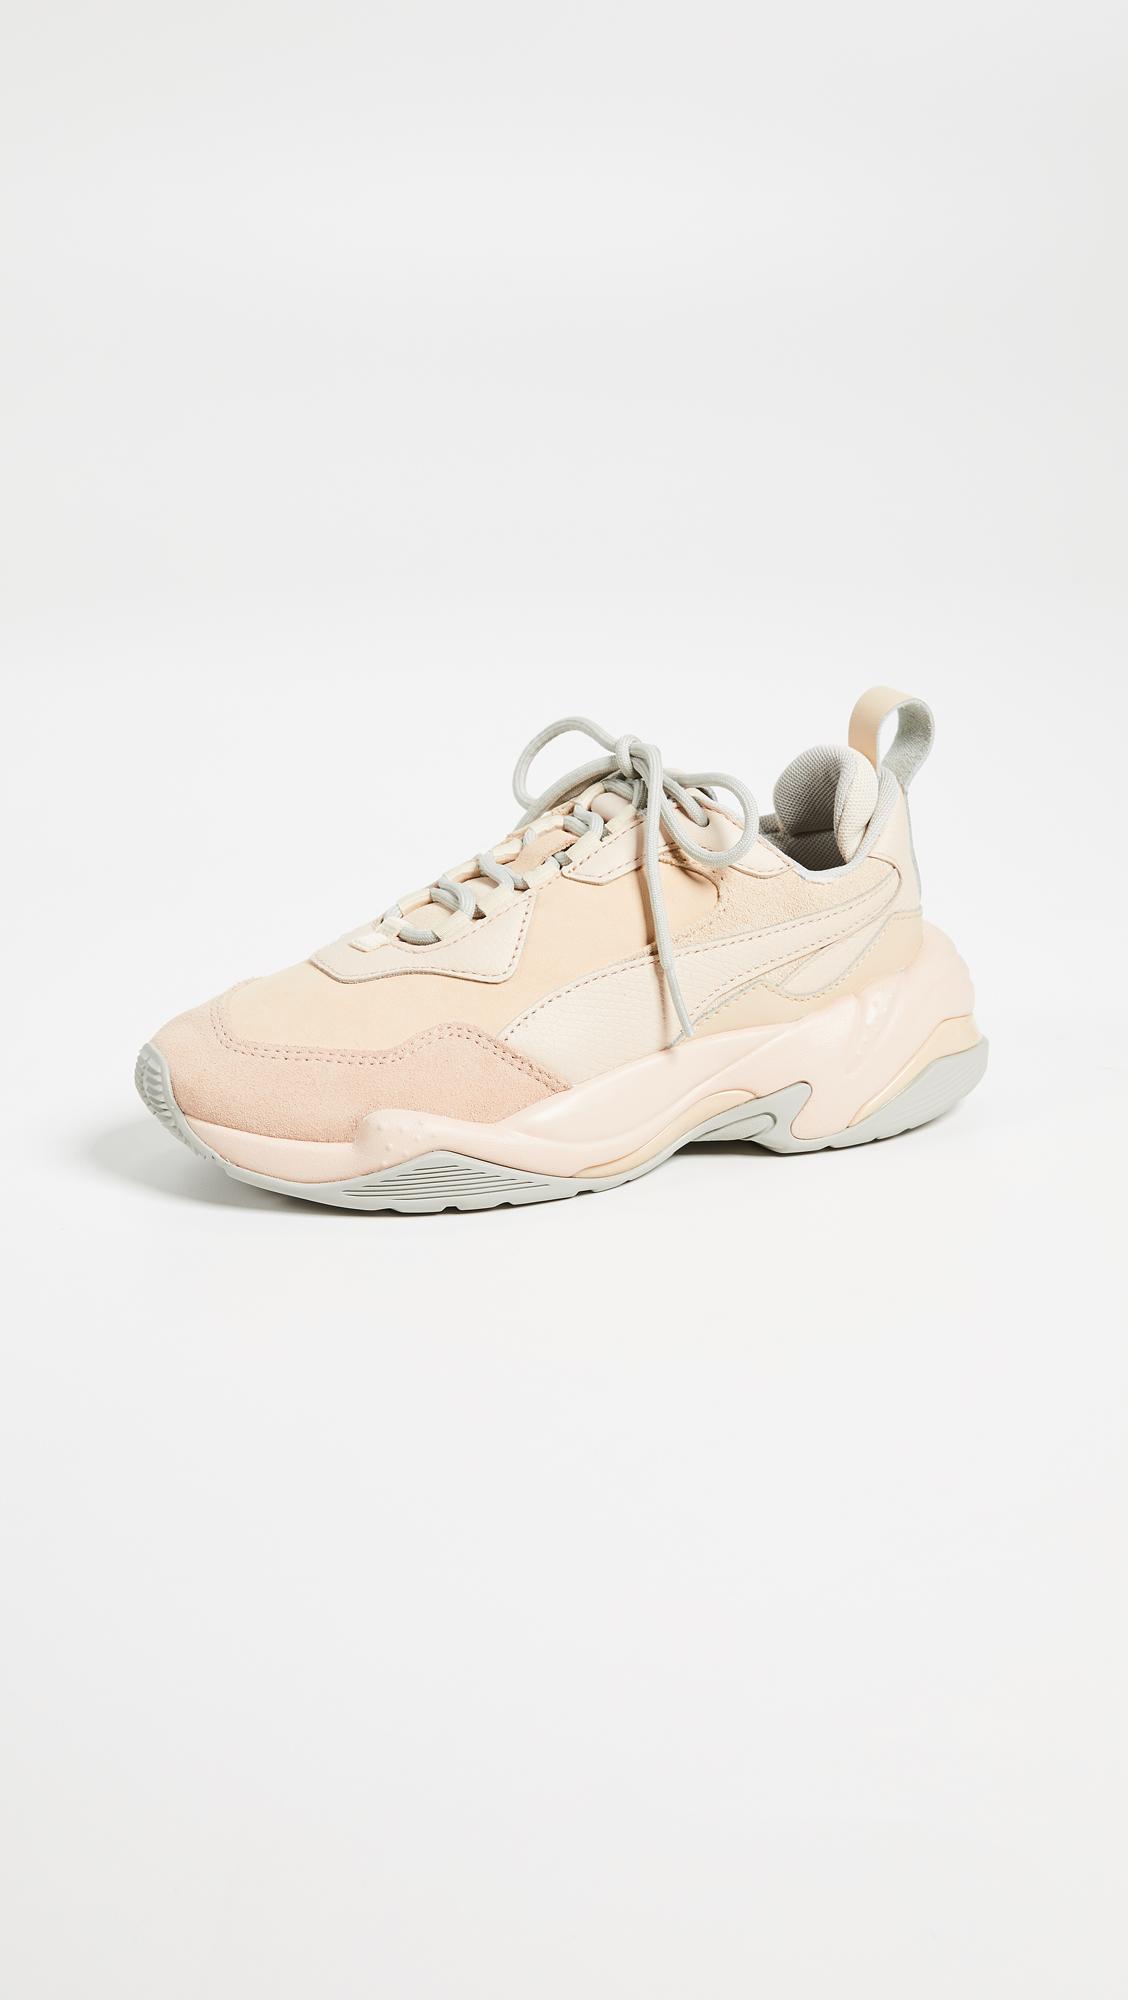 buty na codzień kup tanio ekskluzywne oferty PUMA Thunder Desert Sneakers | SHOPBOP SAVE UP TO 50% NEW TO ...